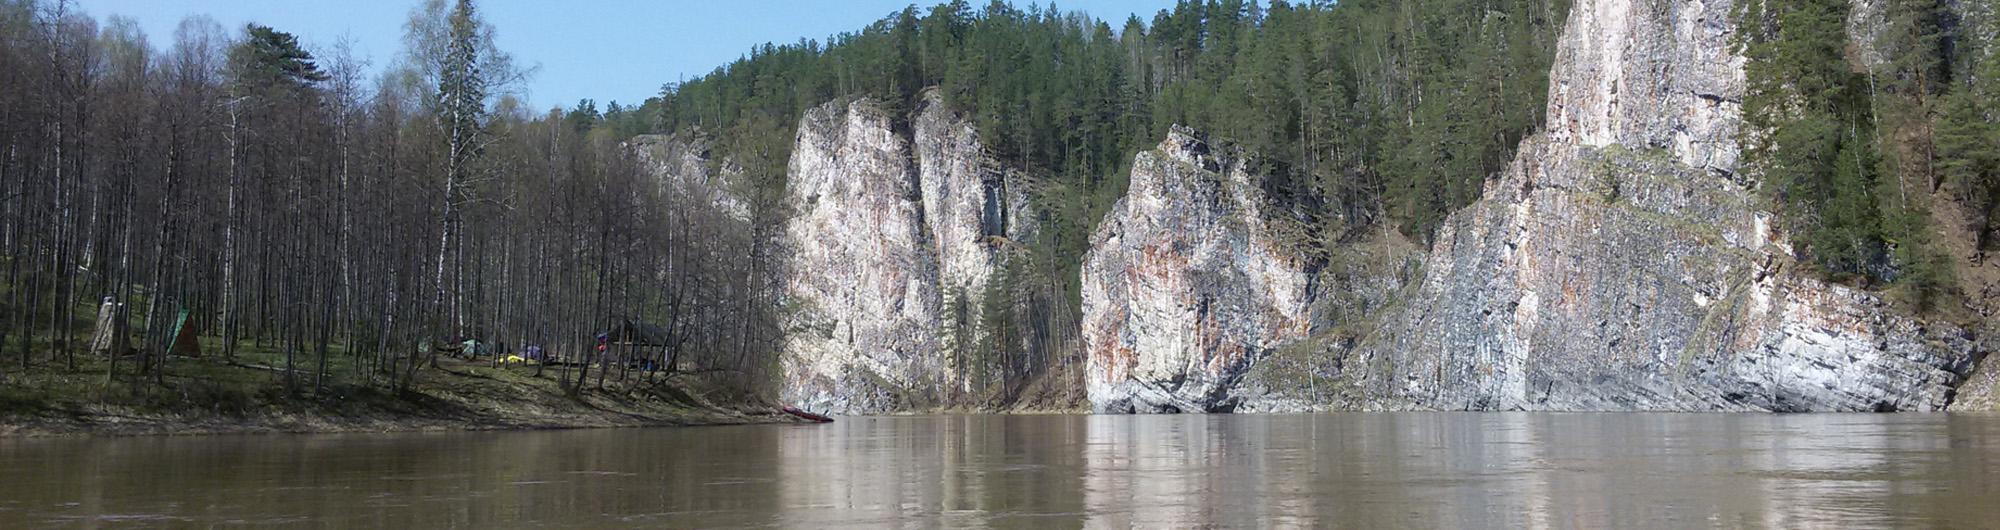 Камень Омутной вид с акватории реки Чусовая